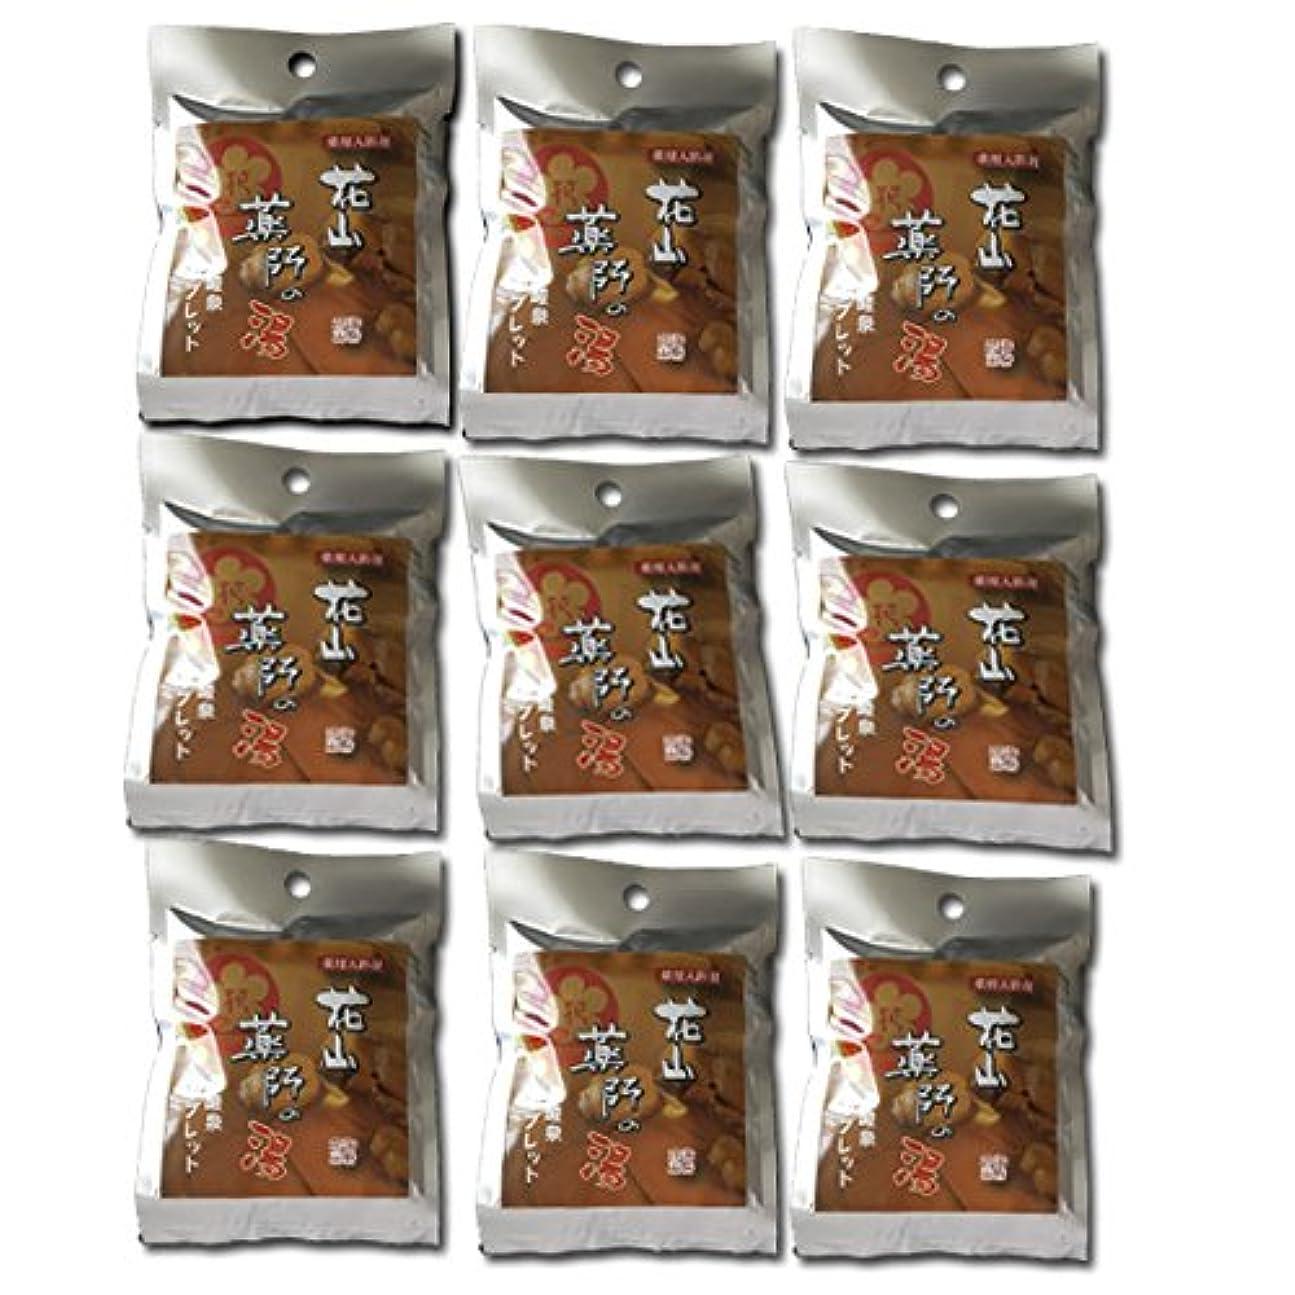 もろいタッチ千入浴剤 炭酸泉 和歌山 花山温泉の温泉分析値を元に配合して作られたタブレット9個 薬用